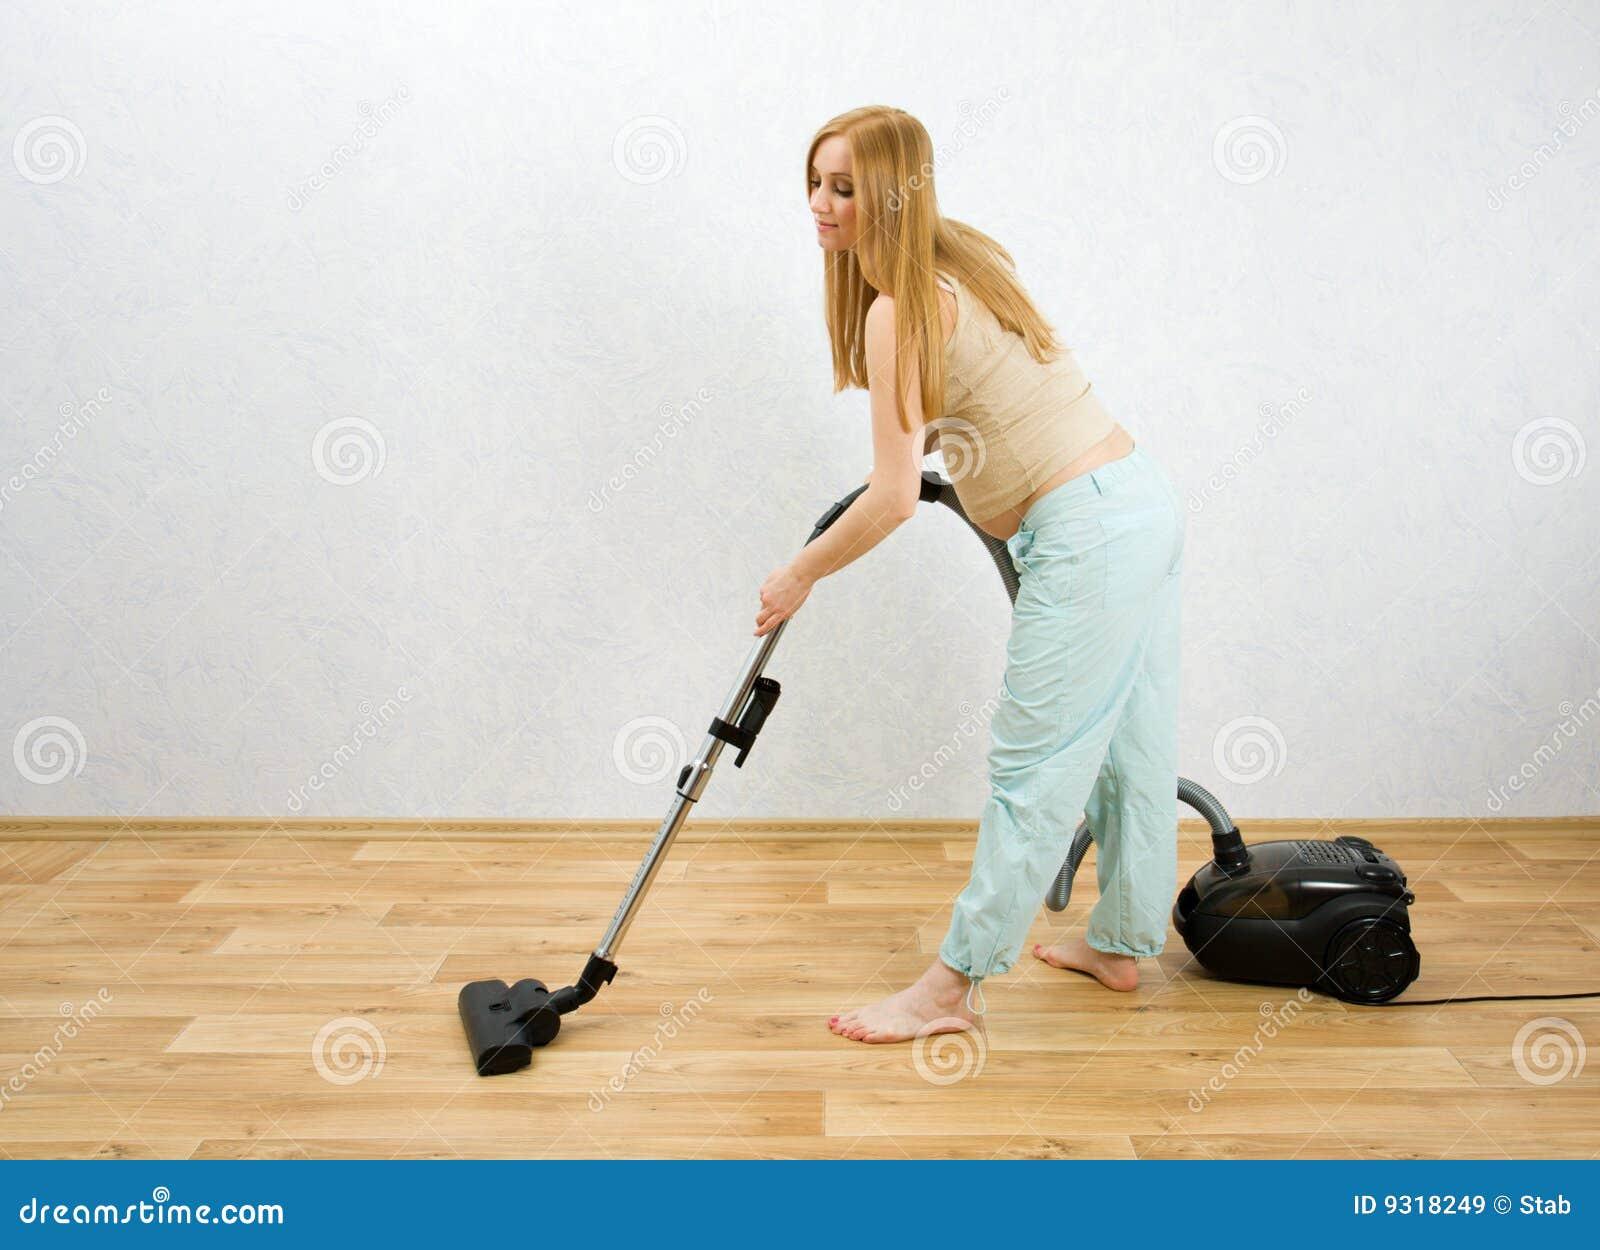 zwangere vrouwen schoonmakende vloer met stofzuiger  ~ Staubsauger Yes